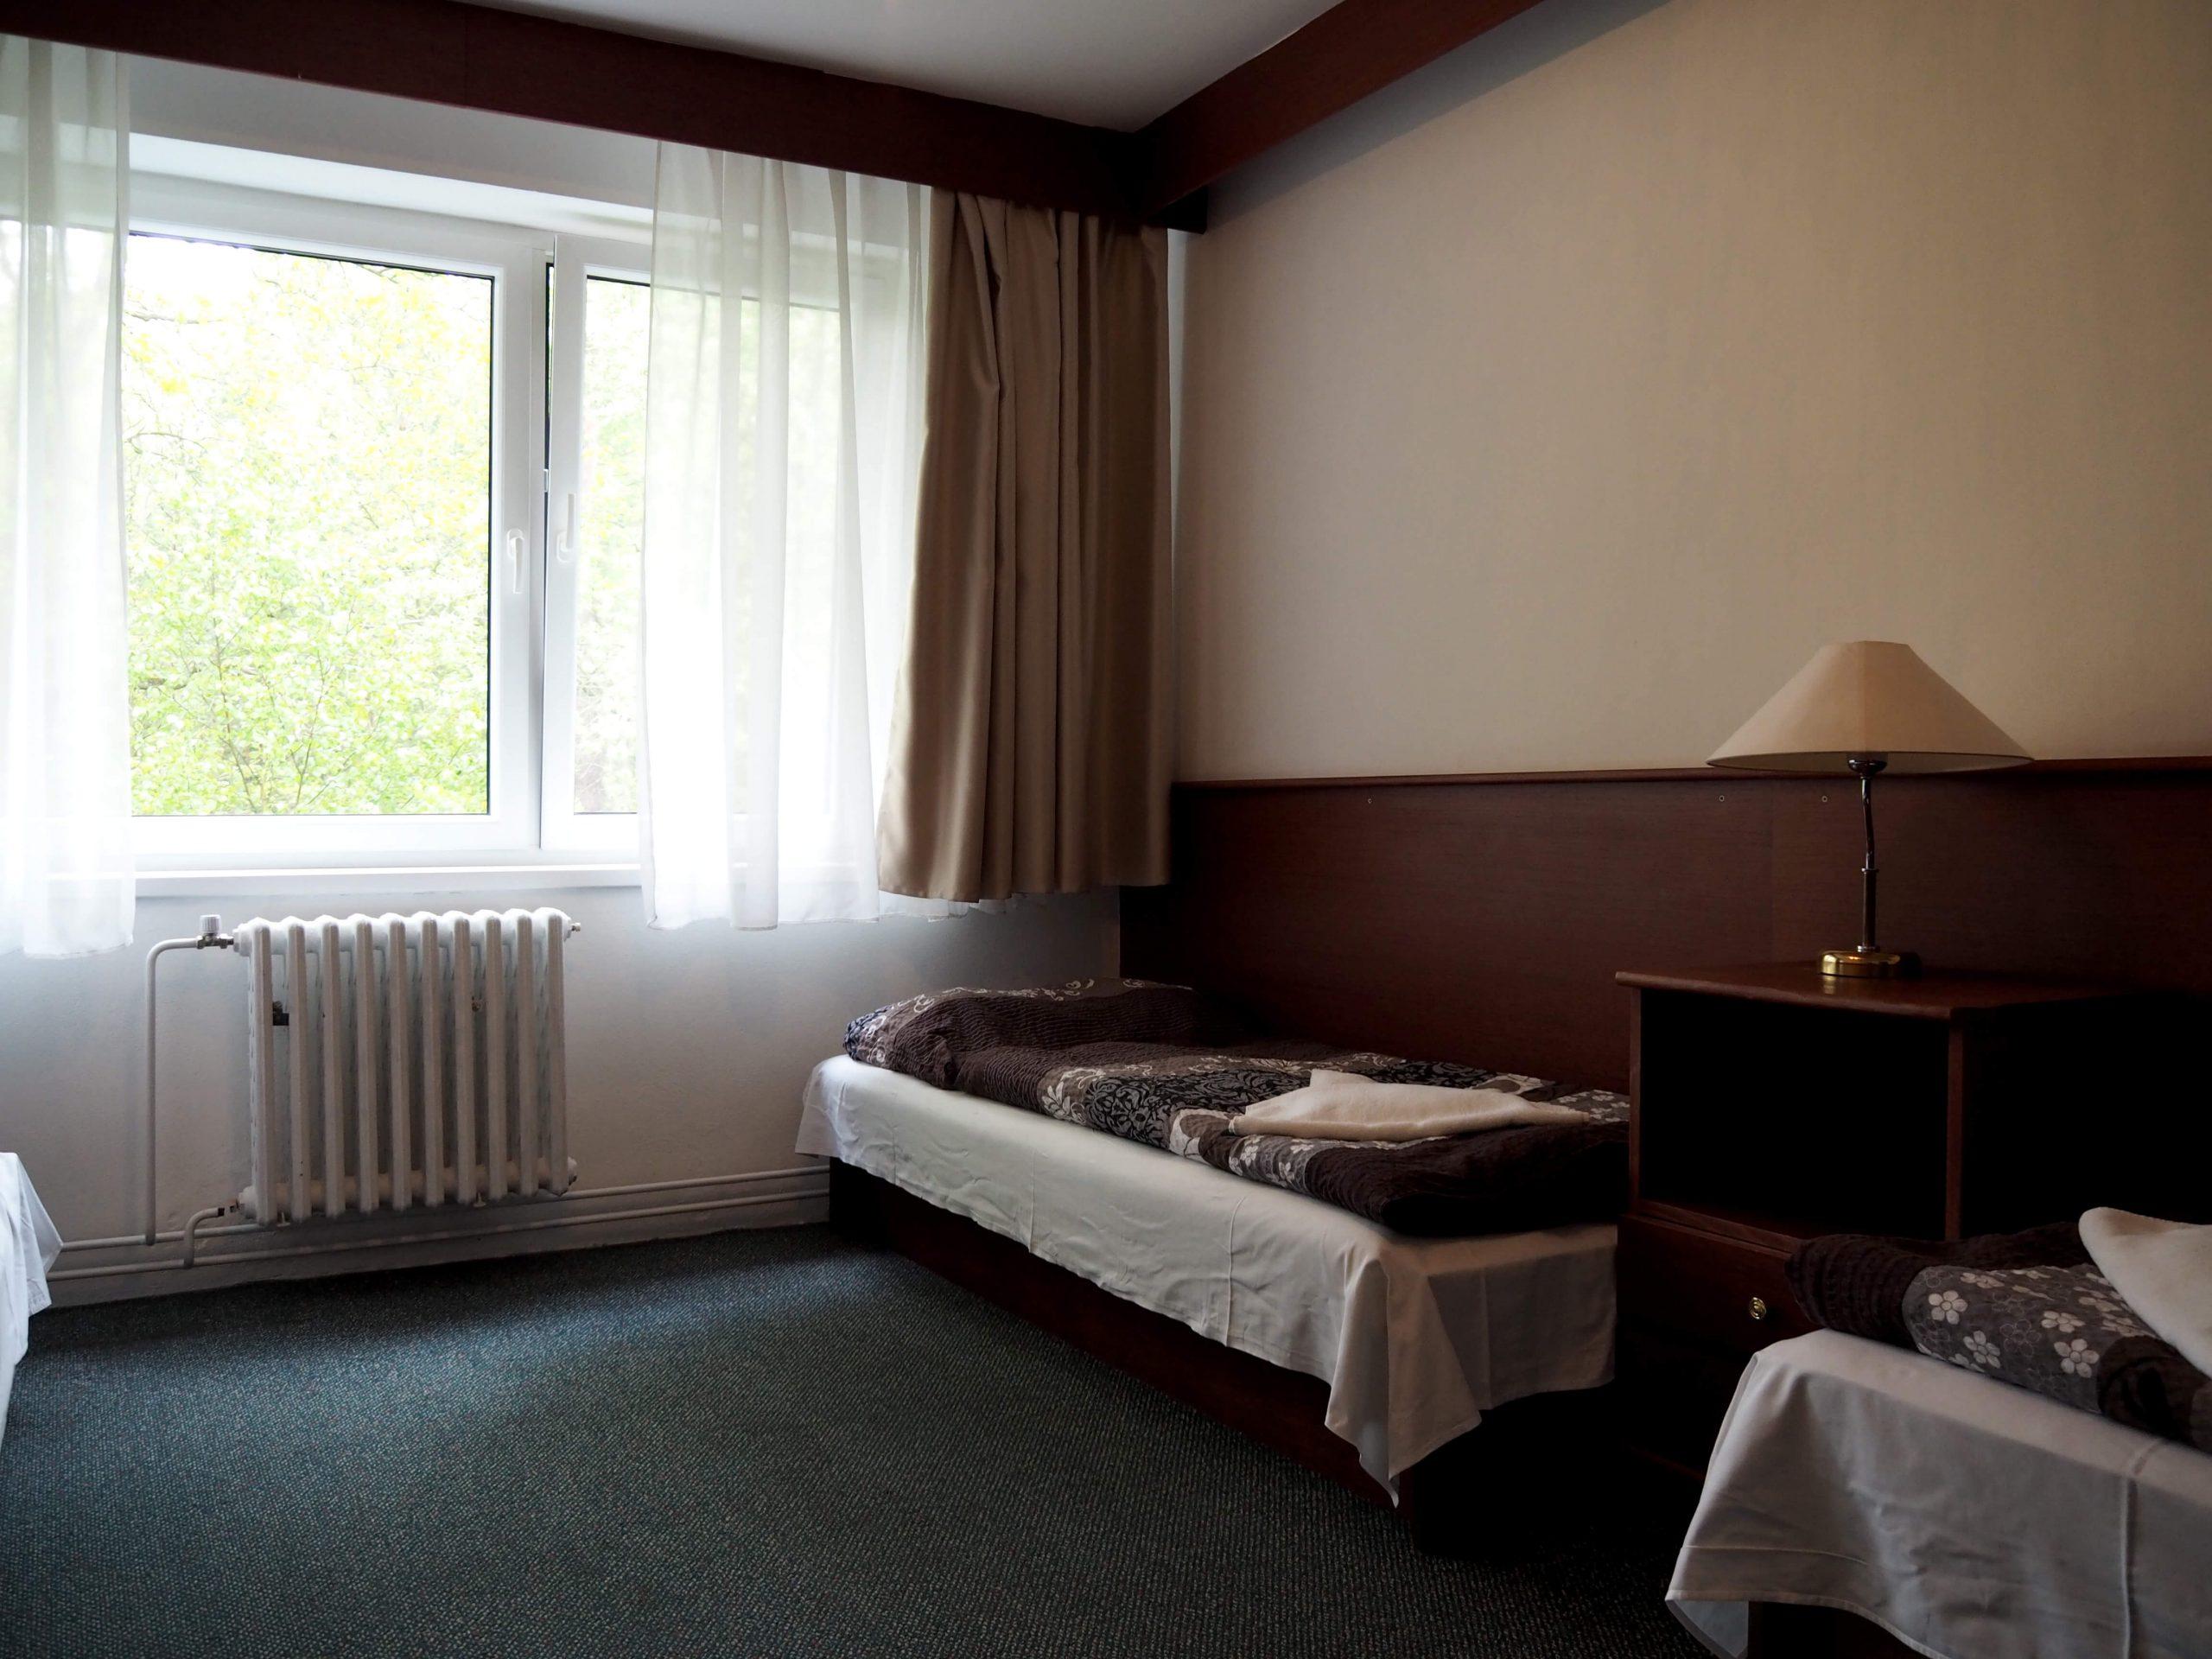 Hotel Astra Srby u města Kladno pokoj 101B (7)